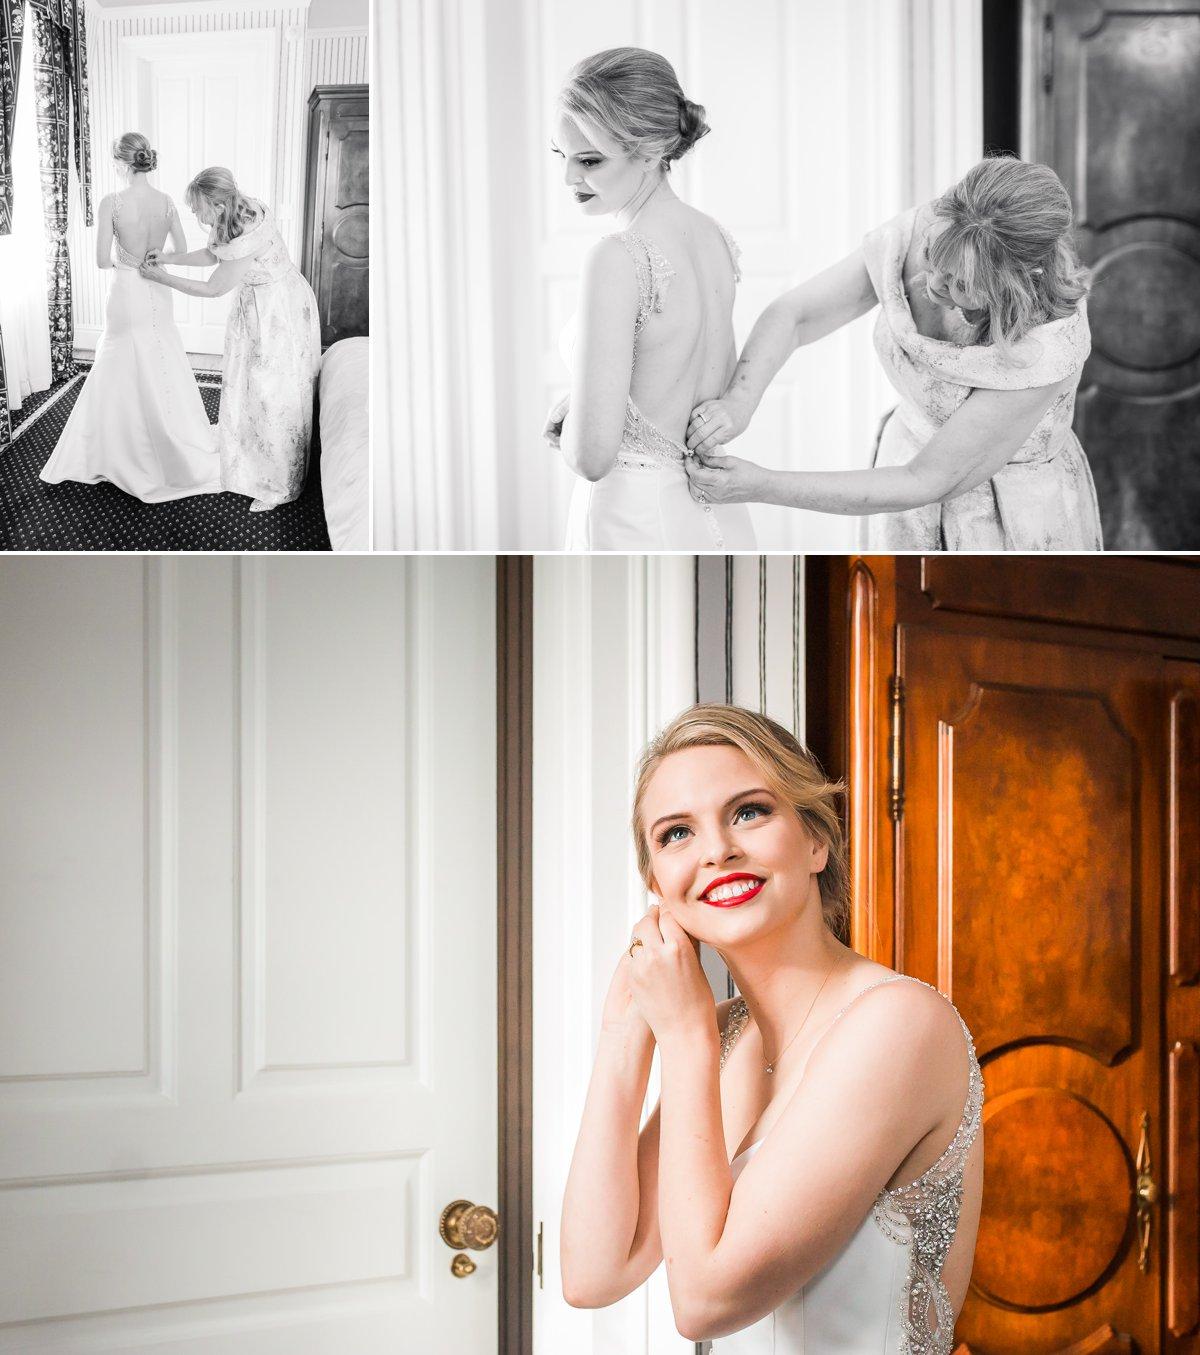 Lauren & Bryan Wedding Photos by Nate Messarra